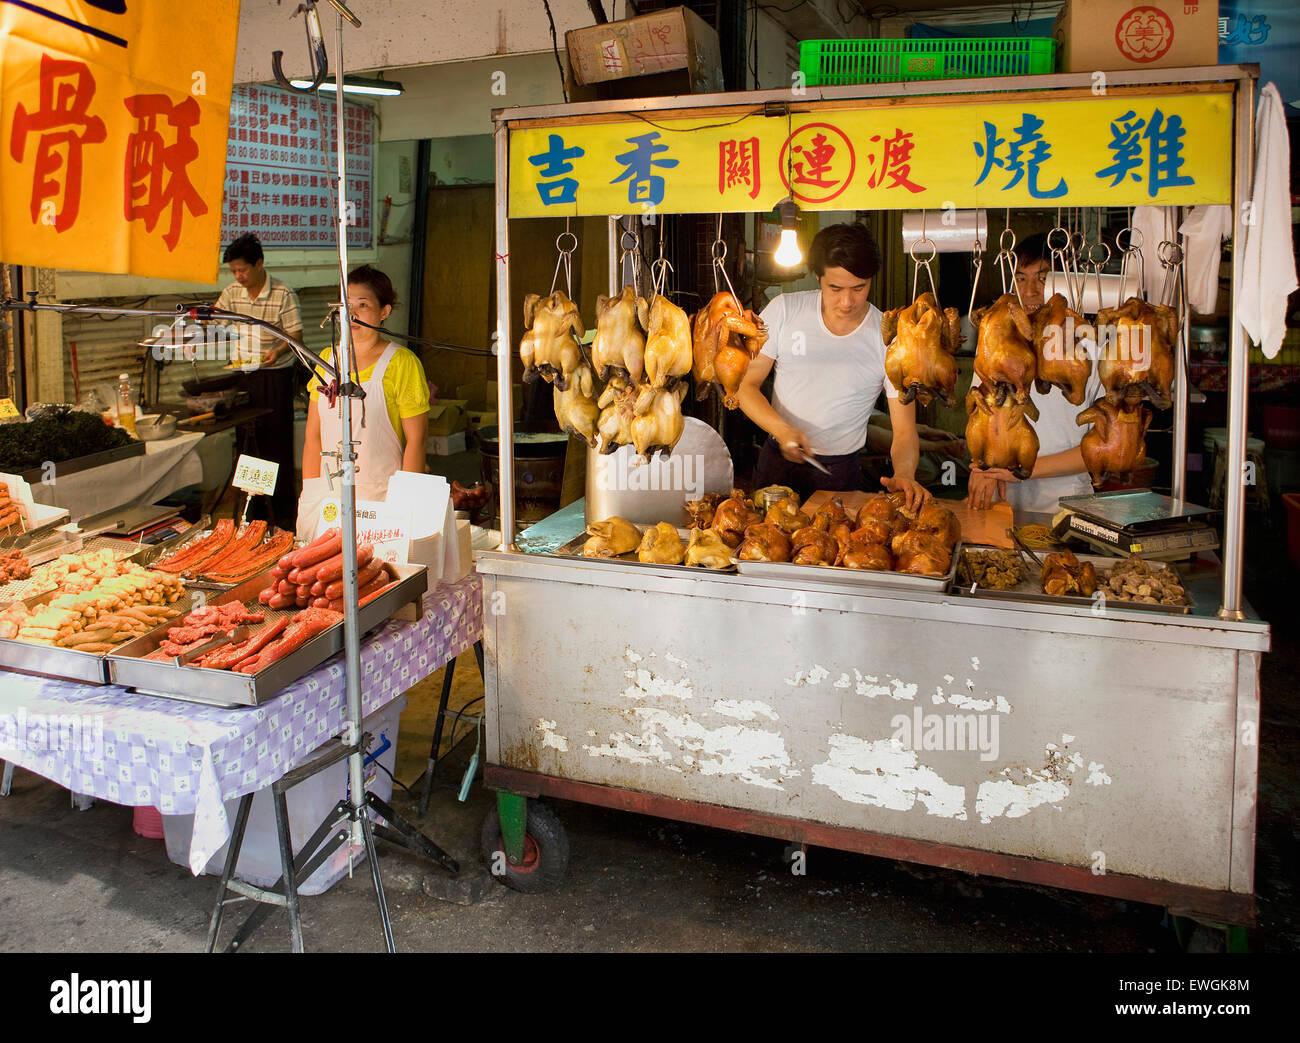 Straße Imbissstände in Taipei Taiwan Asien Stockbild